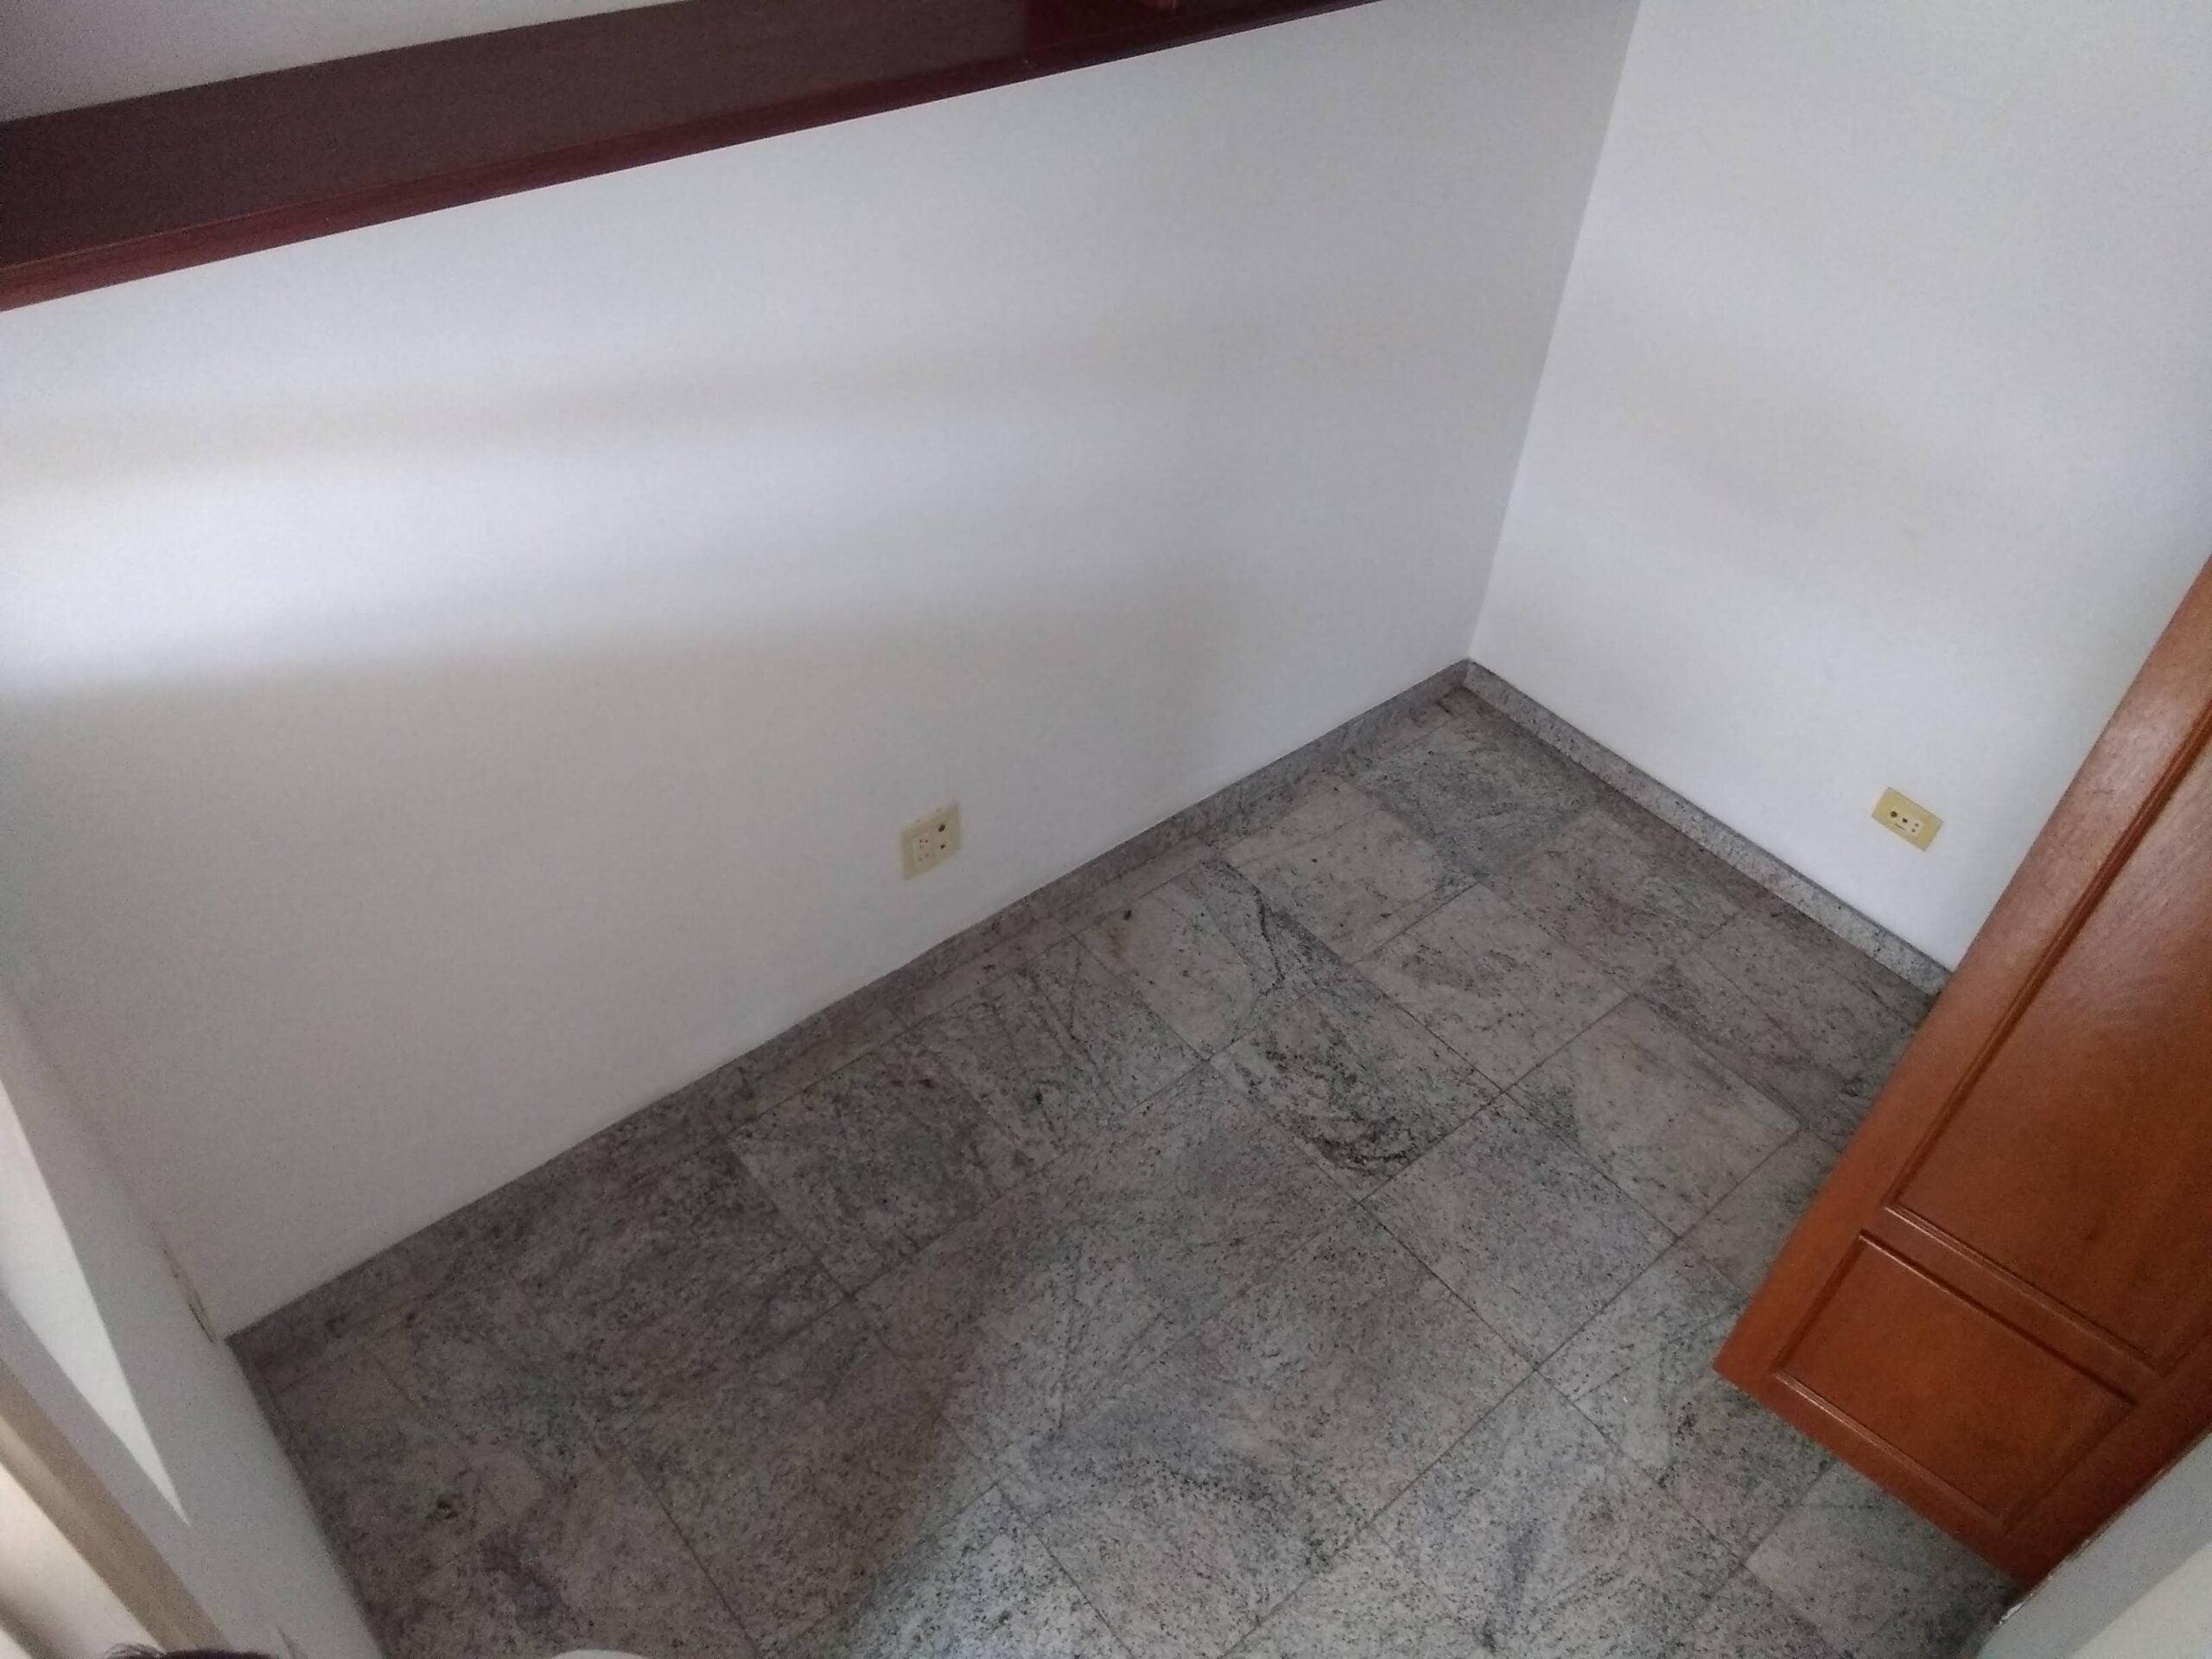 Amplo apartamento no Gonzaga, com ótima vista Livre, 02 dormitórios com armários embutidos, com uma suíte, com dependência completa de empregada. - foto 22